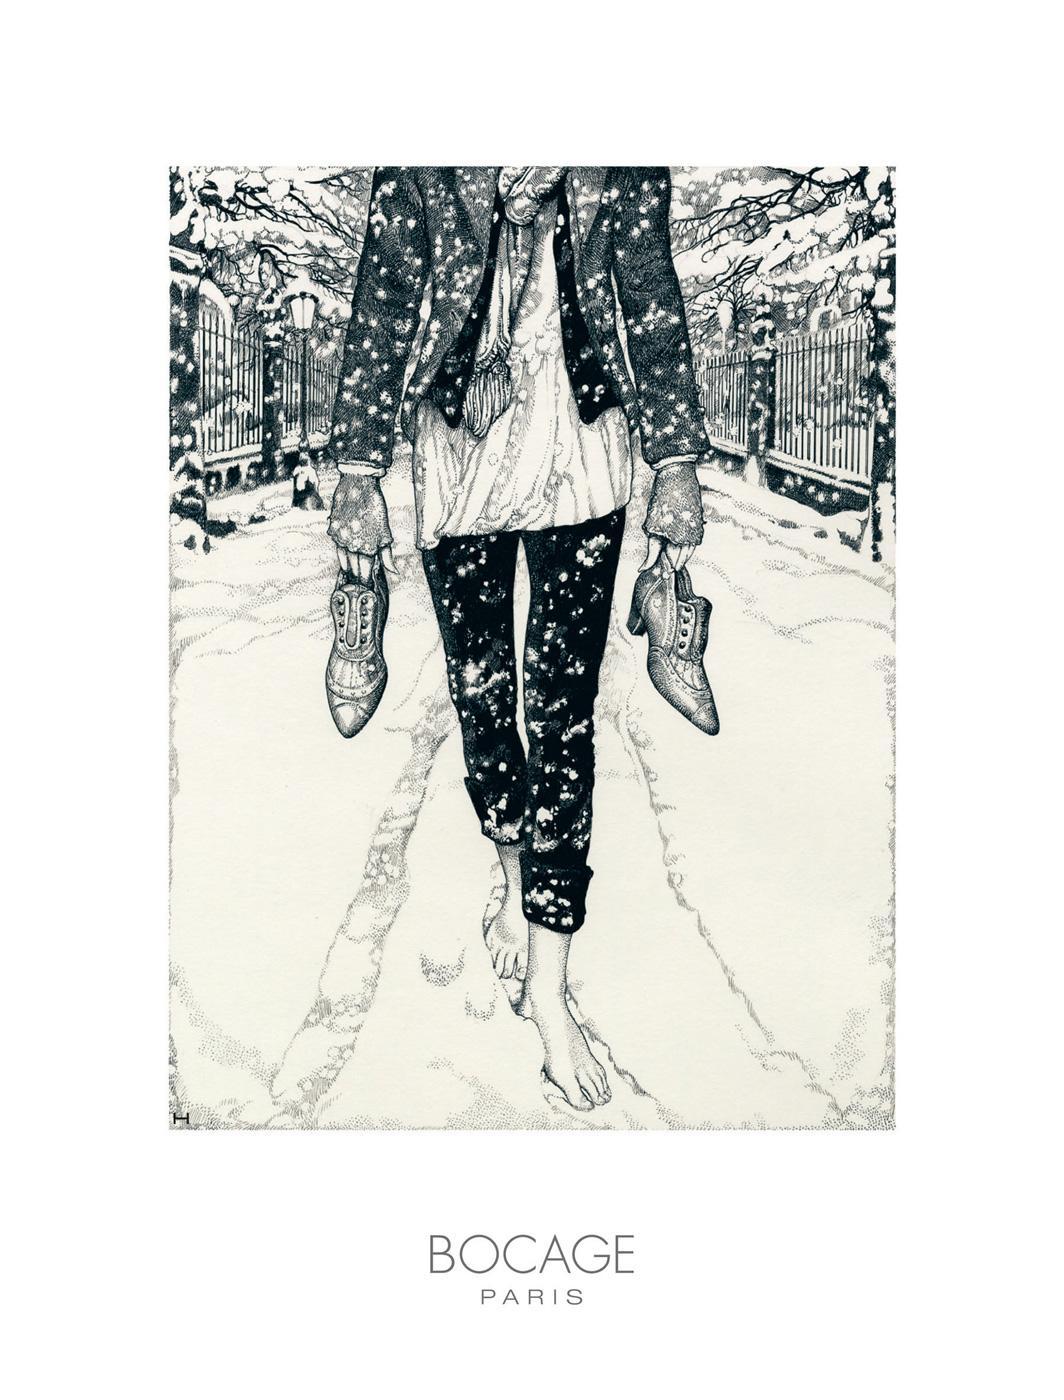 Bon courage aux Parisiens : les 80 publicités les plus créatives sur la Neige #neigeparis 19